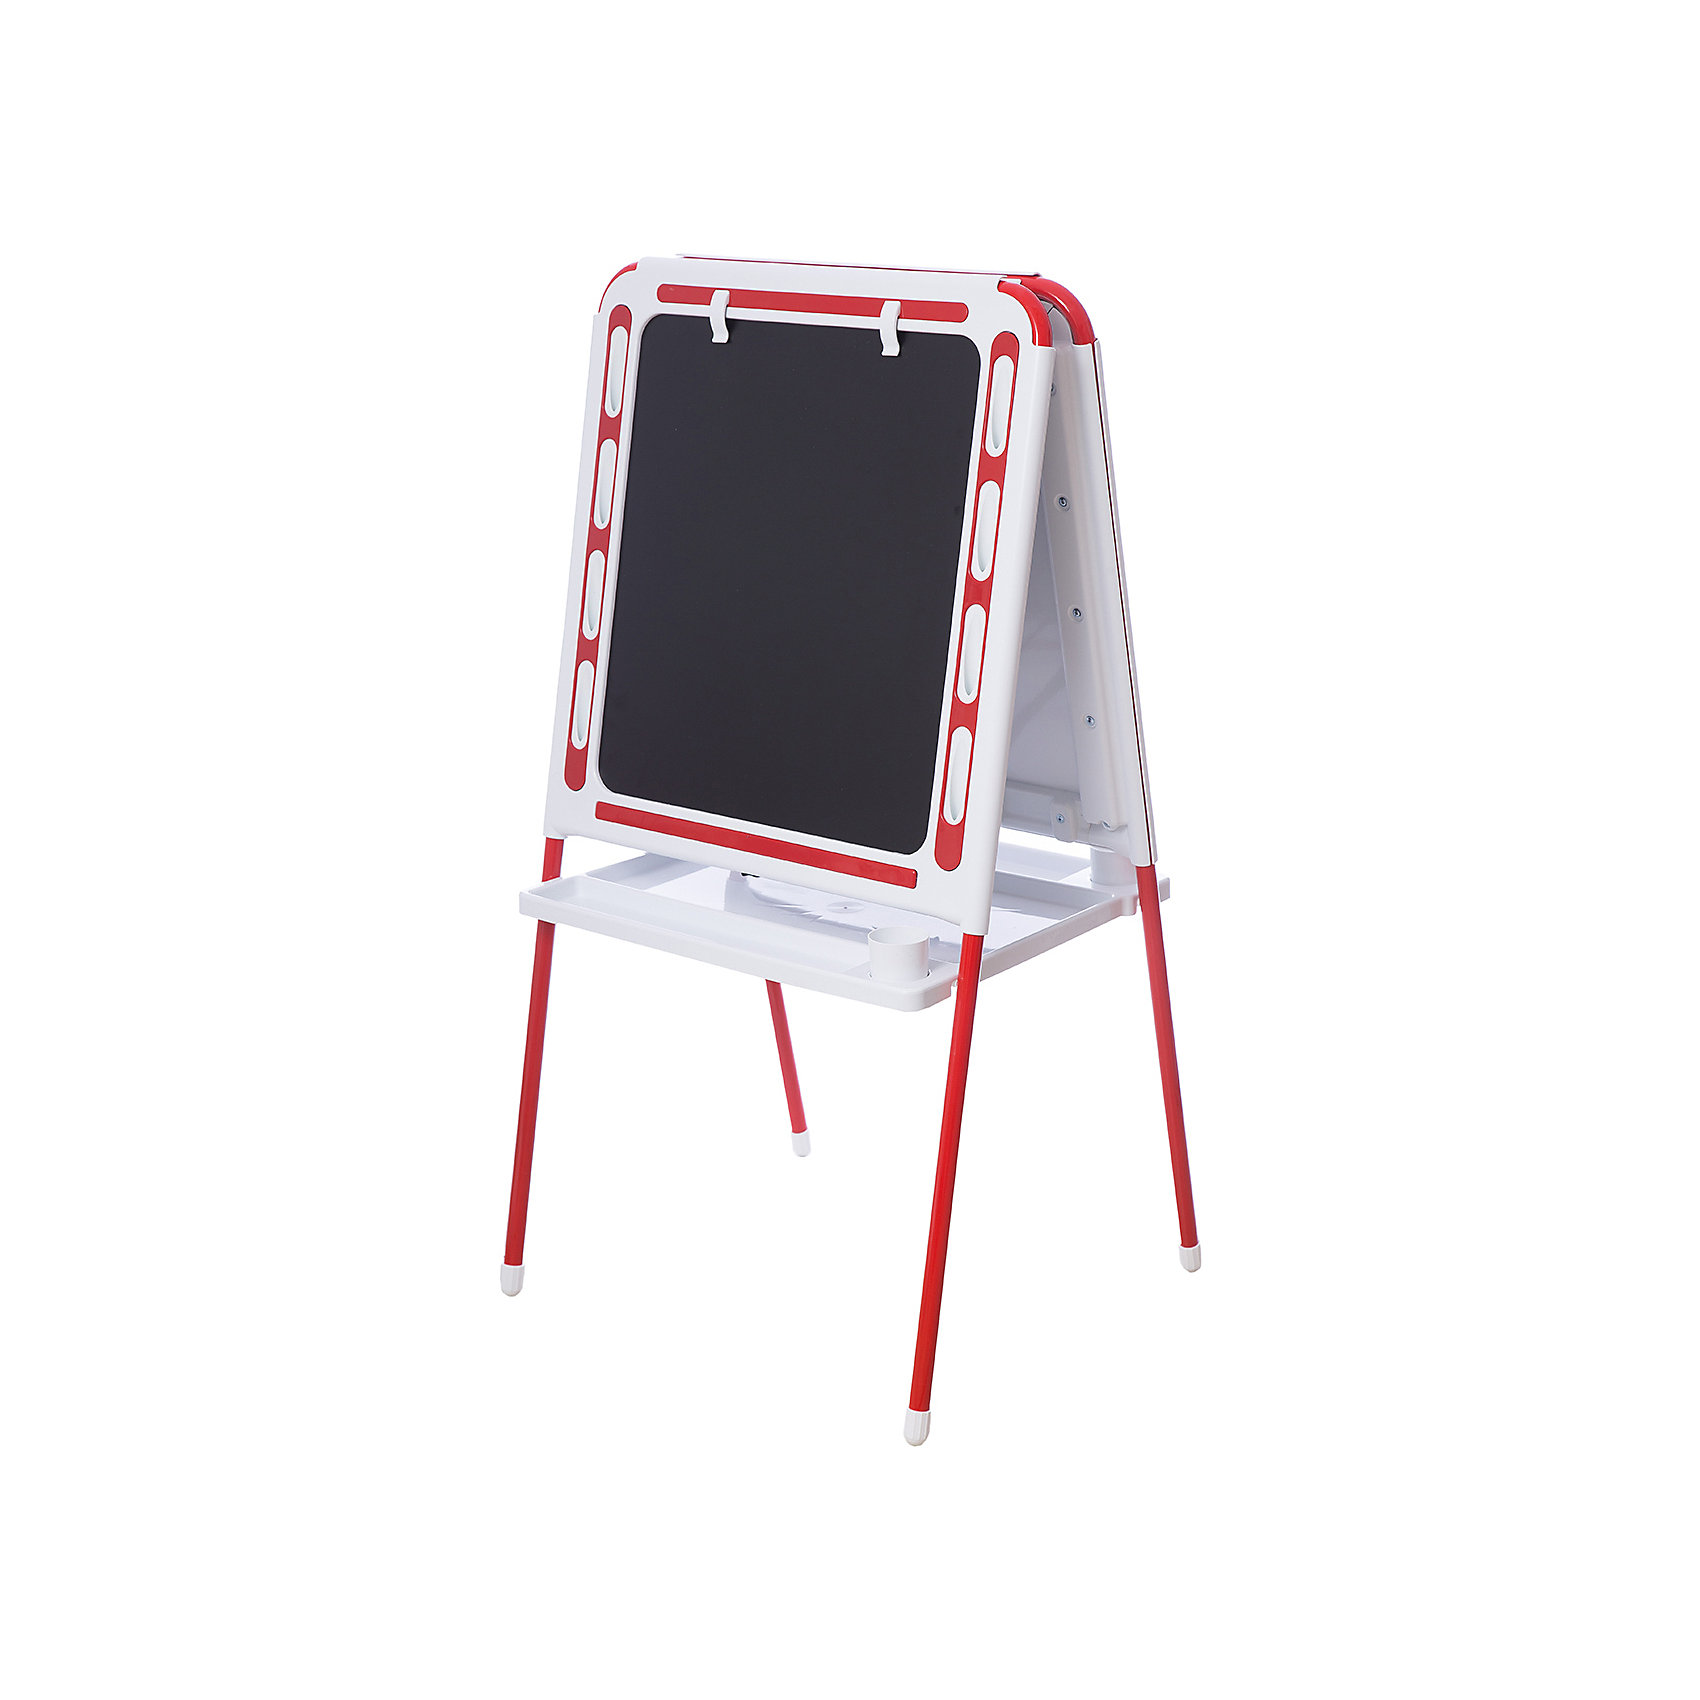 Красный мольбертМебель<br>Красный мольберт – это мольберт с двумя рабочими поверхностями, предназначенный для детского творчества и развития.<br>Современный, функциональный и очень удобный мольберт - это универсальный уголок для рисования и обучения у вас дома. Двойная доска устанавливается «домиком» прямо на пол и не требует дополнительных креплений. На металлических ножках – пластмассовые заглушки. Мольберт спроектирован особым образом: он может  использоваться двумя детьми одновременно. С обеих сторон мольберта есть удобные зажимы для бумаги. В комплект входят два стаканчика для рисования, большая полка для альбомов и красок. Мольберт подходит для работы красками, мелом, карандашами и маркерами. Юный художник по достоинству оценит удобные пазы-подставки для канцелярских принадлежностей, расположенные прямо на рамке мольберта, слева и справа от его рабочей поверхности. Углы мольберта скруглены для снижения травматичности ребенка.<br><br>Дополнительная информация:<br><br>- В комплекте: мольберт, два стаканчика для рисования, полка<br>- Цвет: белый, красный<br>- Материал: пластик, металл<br>- Размер: 100,5х48 см.<br>- Размер упаковки: 112х55х70 см.<br>- Вес: 14,2 кг.<br><br>Красный мольберт можно купить в нашем интернет-магазине.<br><br>Ширина мм: 1220<br>Глубина мм: 650<br>Высота мм: 110<br>Вес г: 14200<br>Возраст от месяцев: -2147483648<br>Возраст до месяцев: 2147483647<br>Пол: Унисекс<br>Возраст: Детский<br>SKU: 4589686